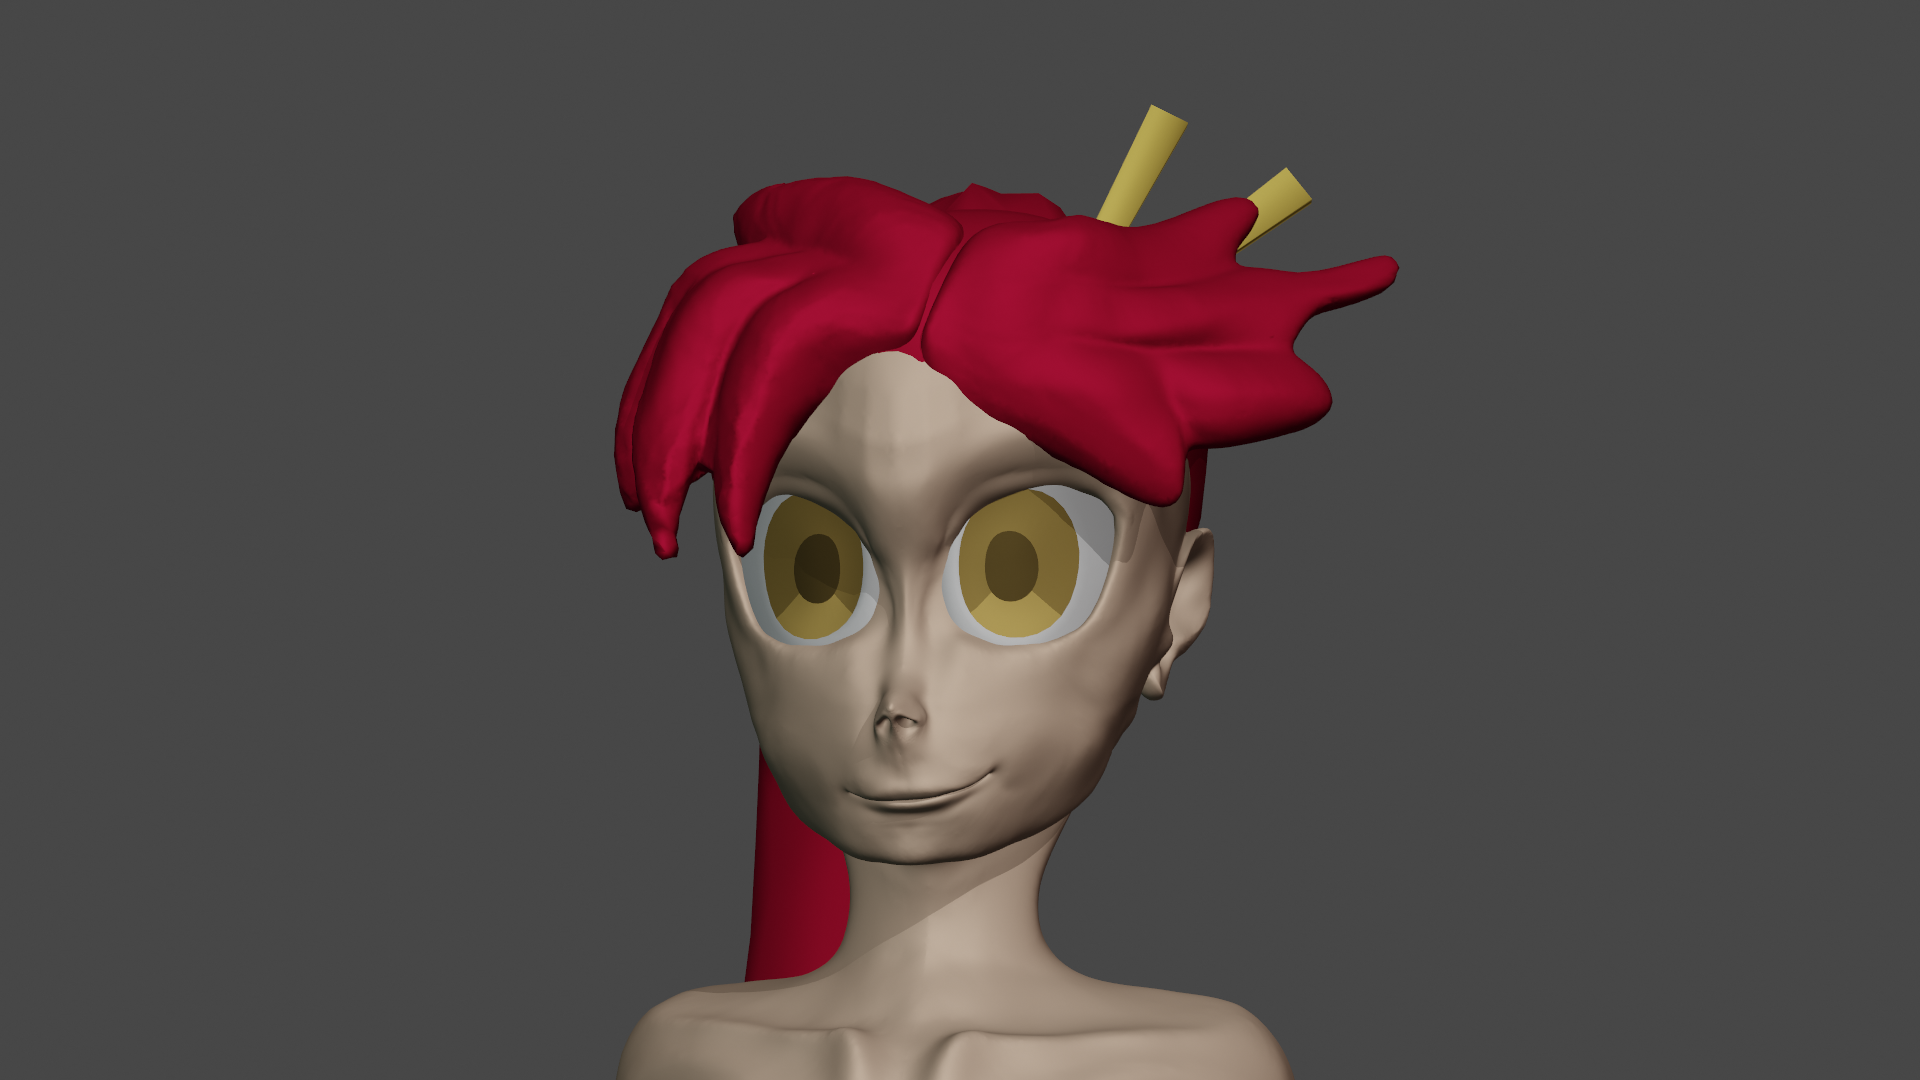 Yoko head sculpt